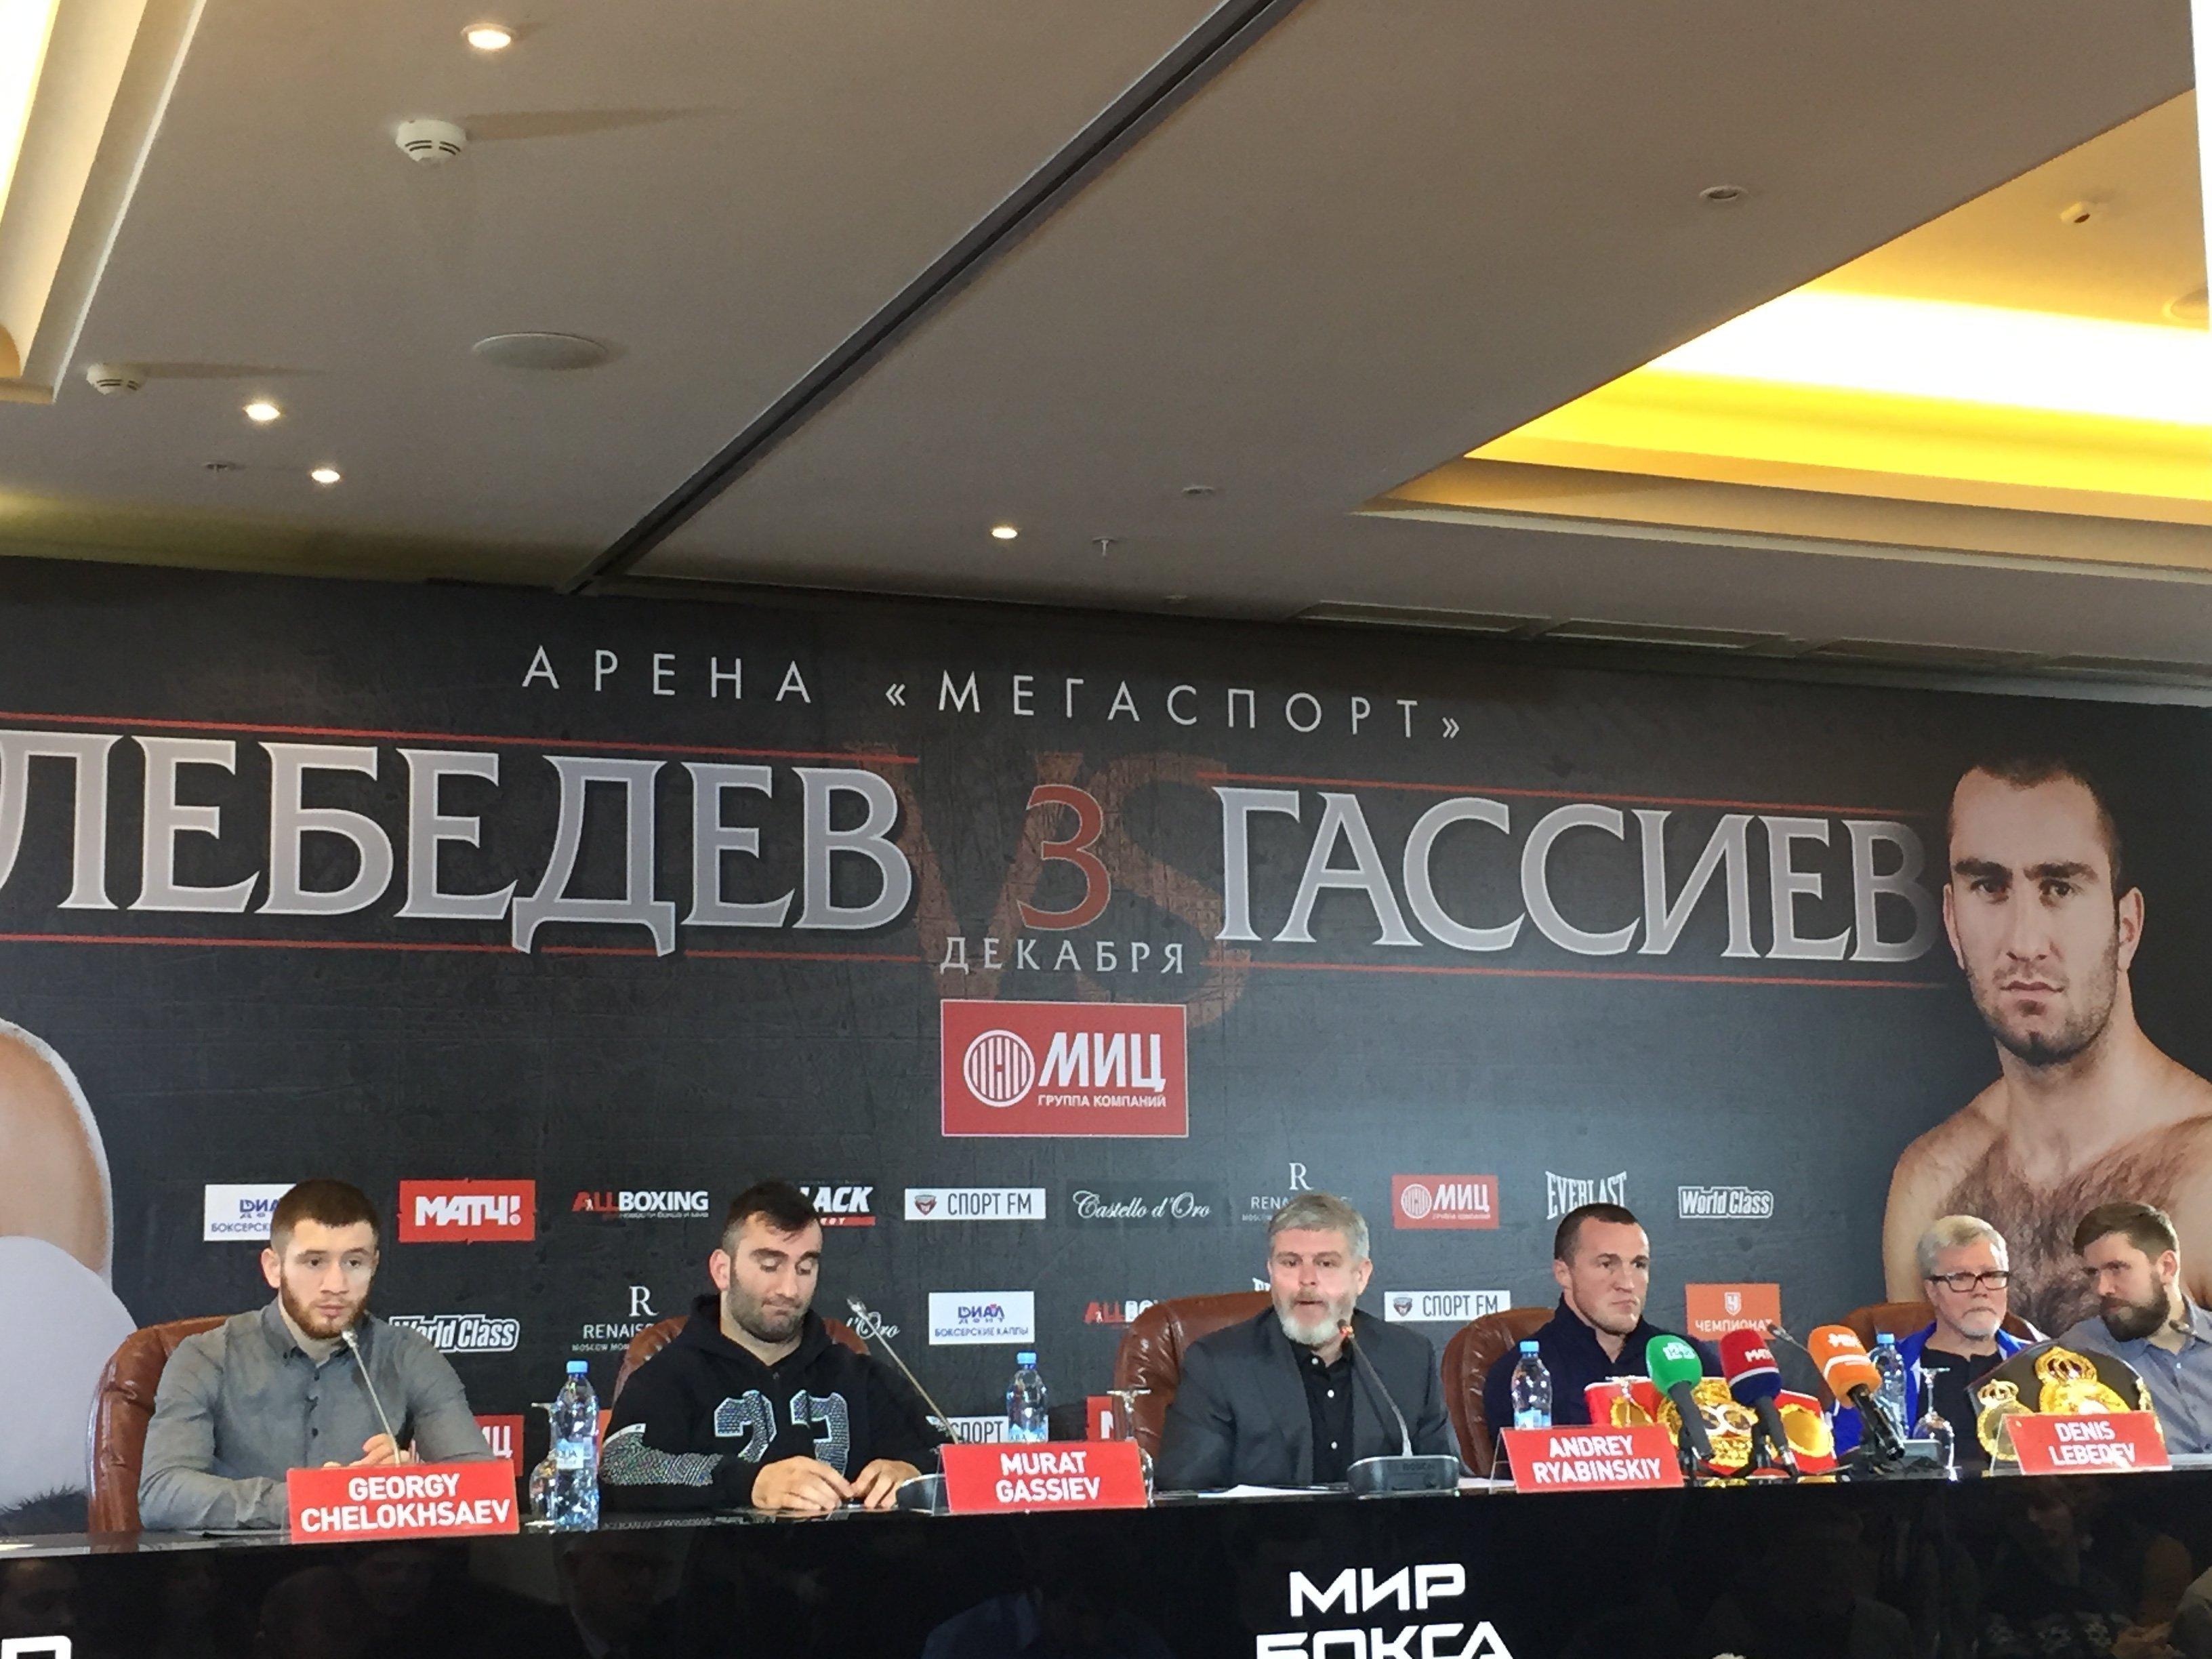 Пресс-конференция Гассиев-Лебедев